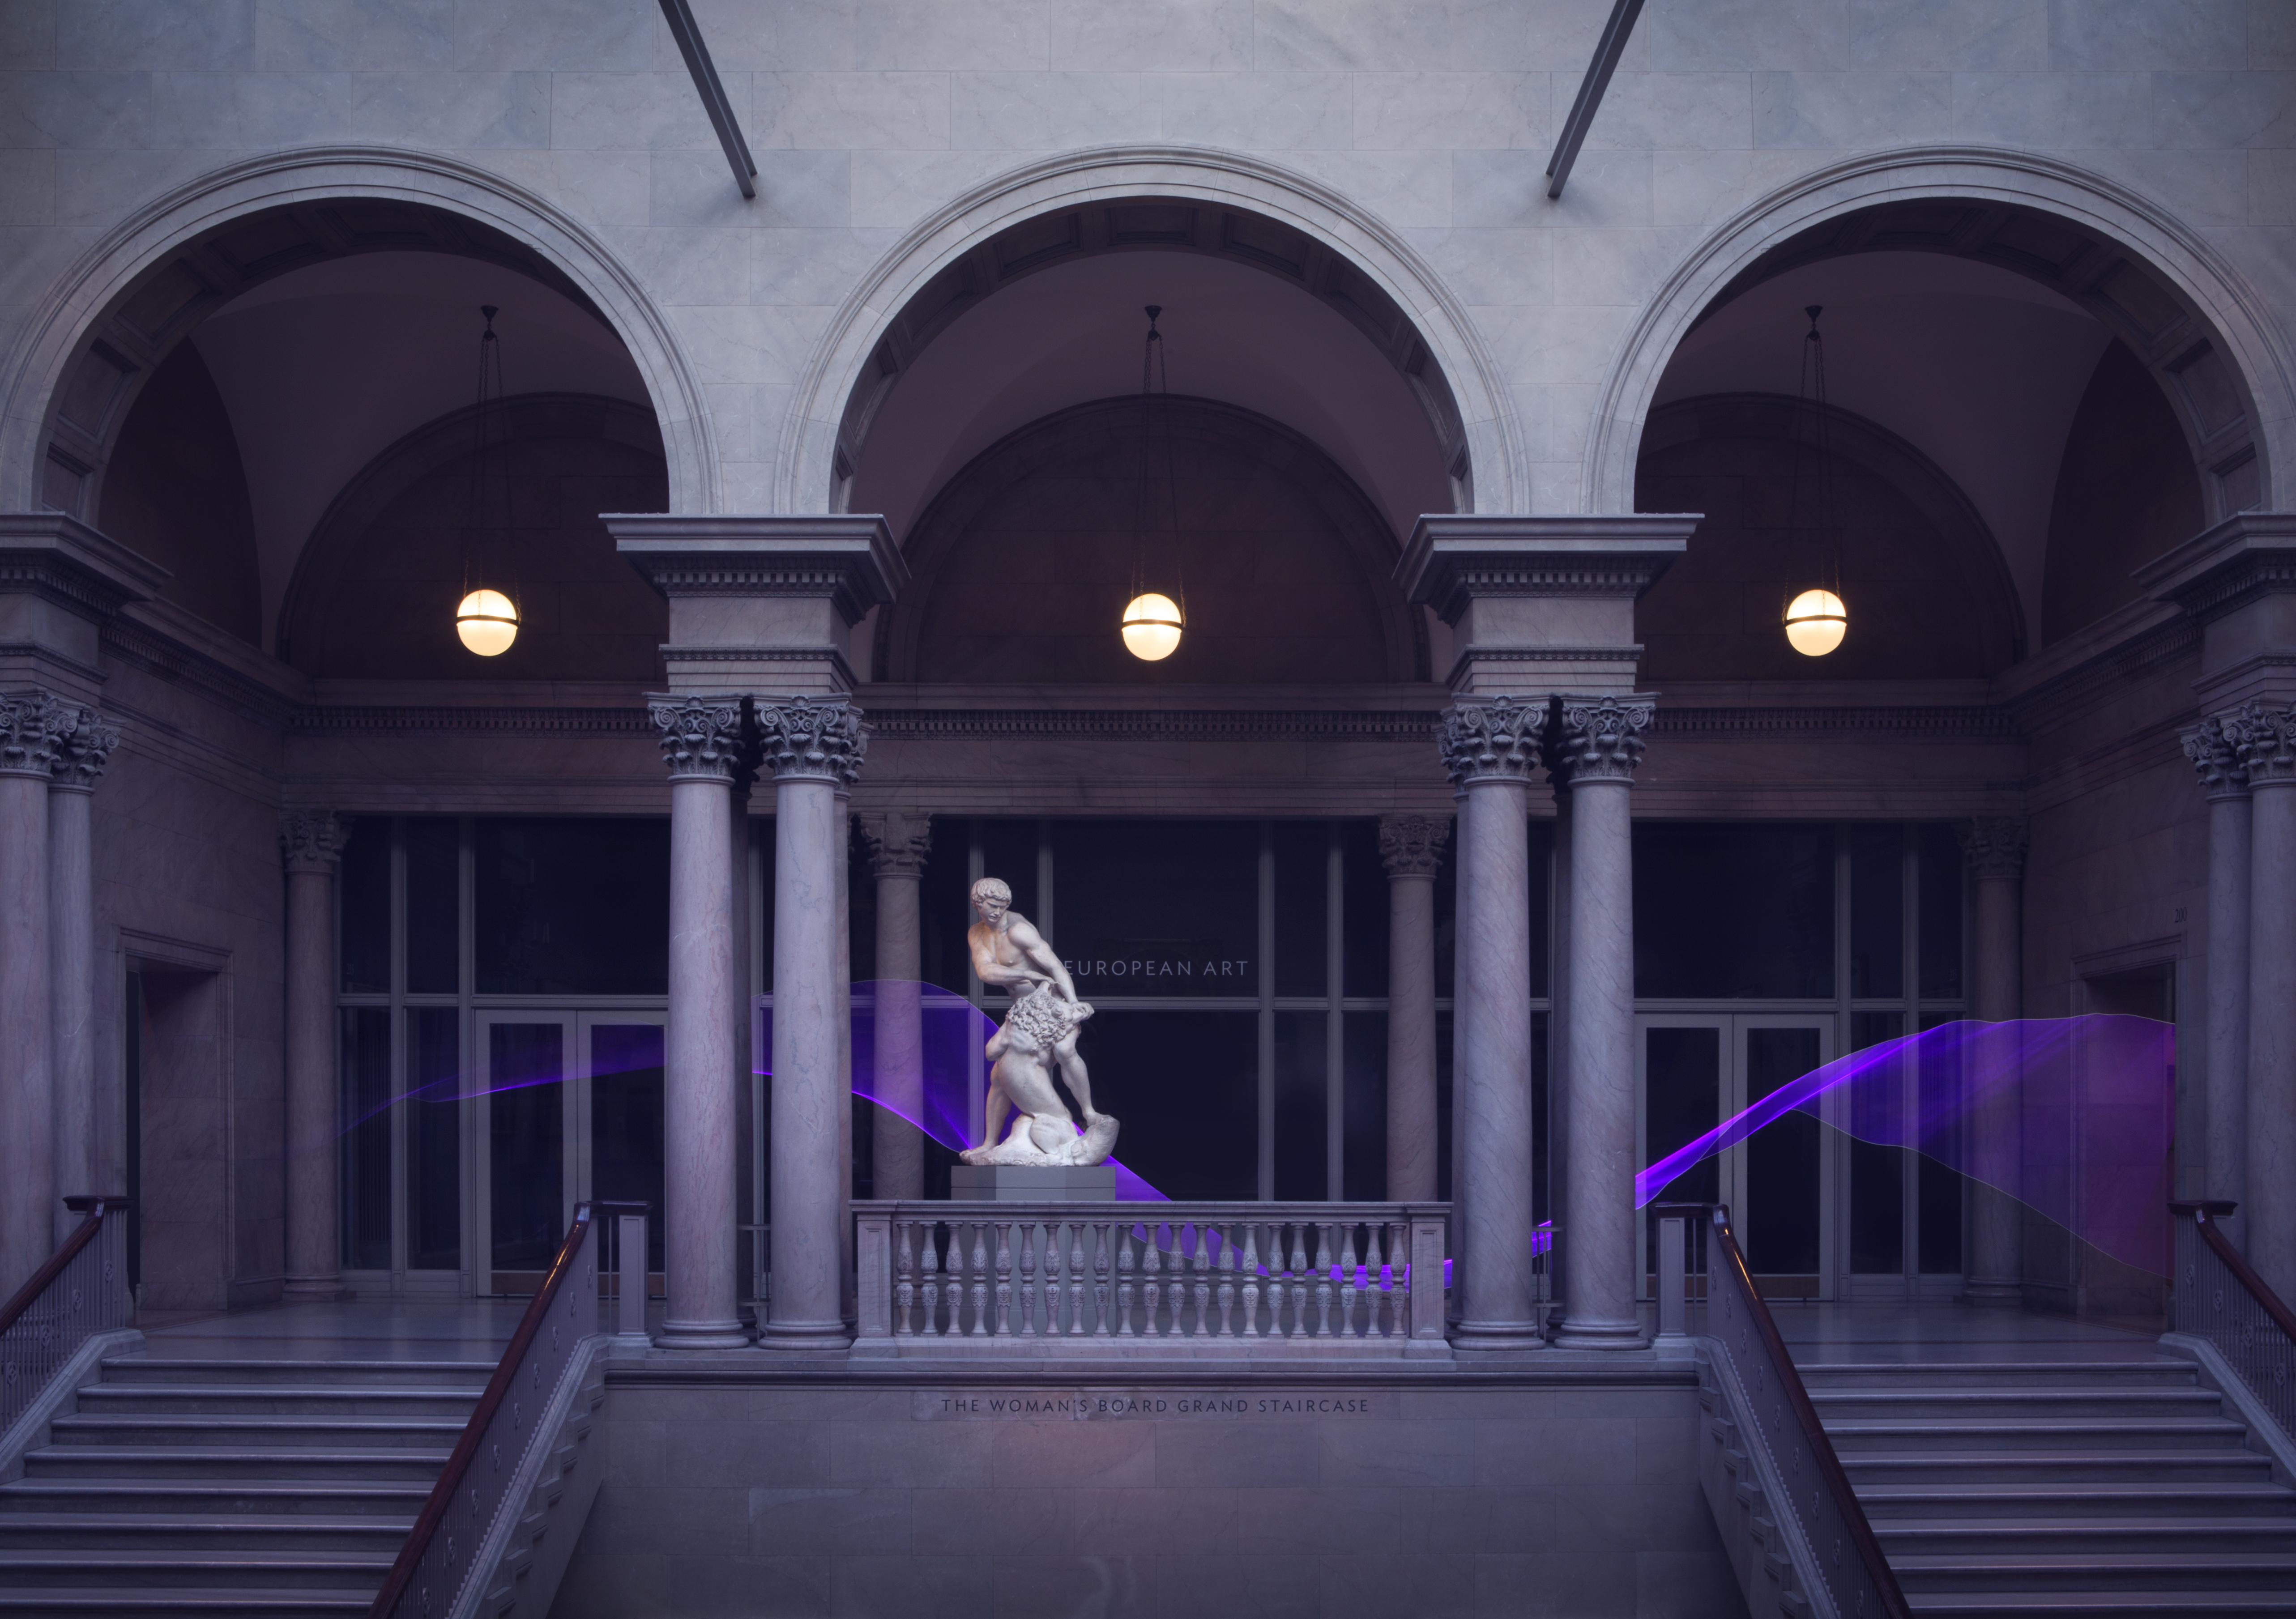 Art Institute of Chicago - Exhibitions